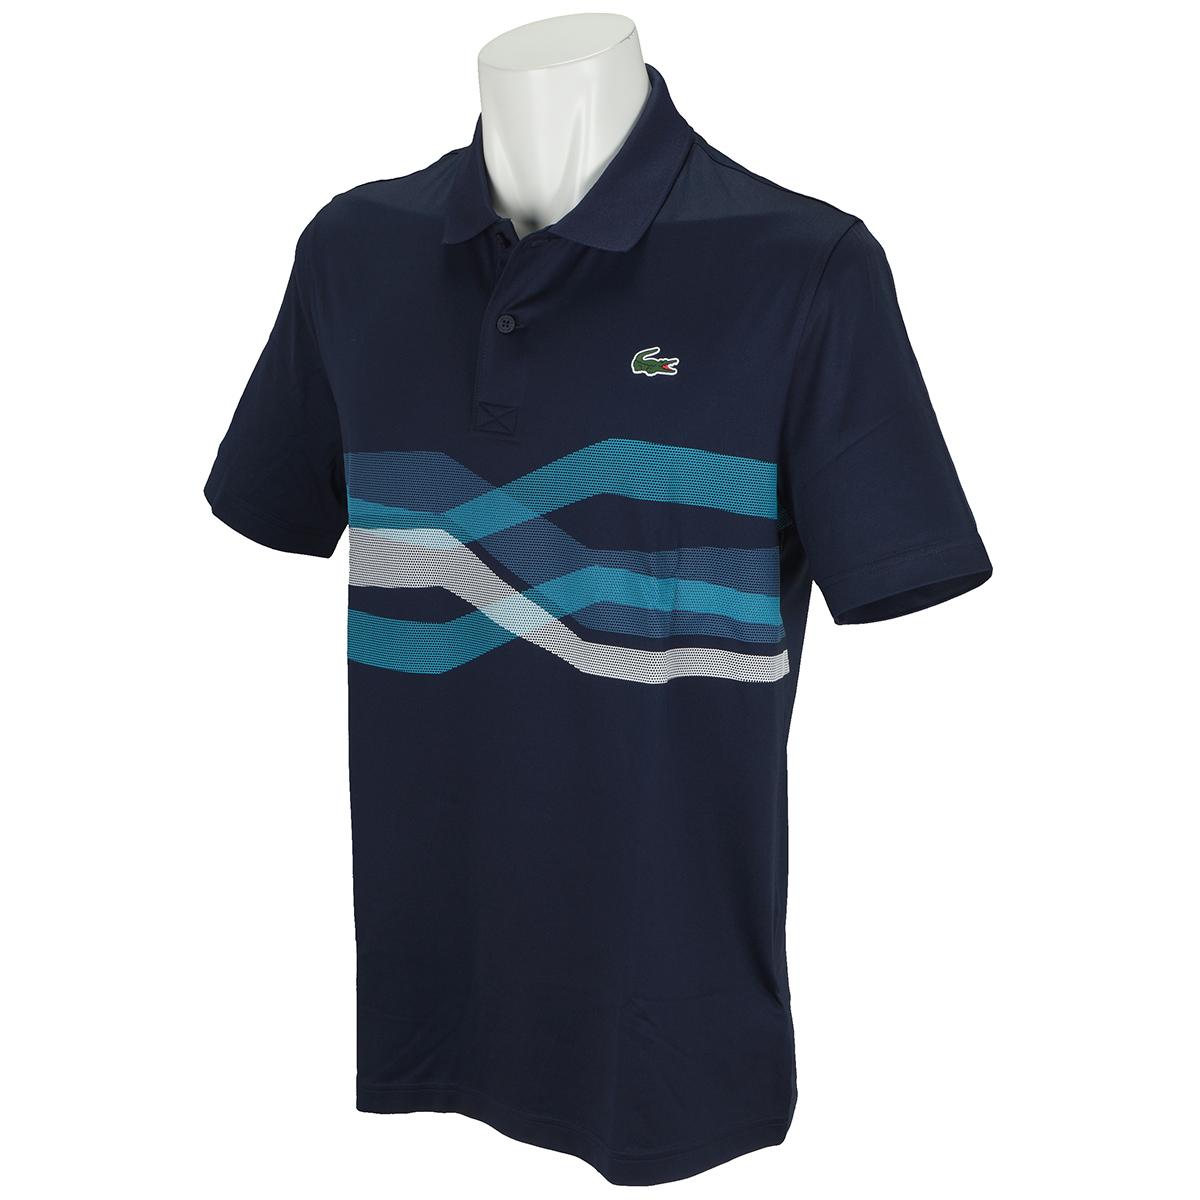 ウルトラドライ仕様 グラフィックラインゴルフ半袖ポロシャツ